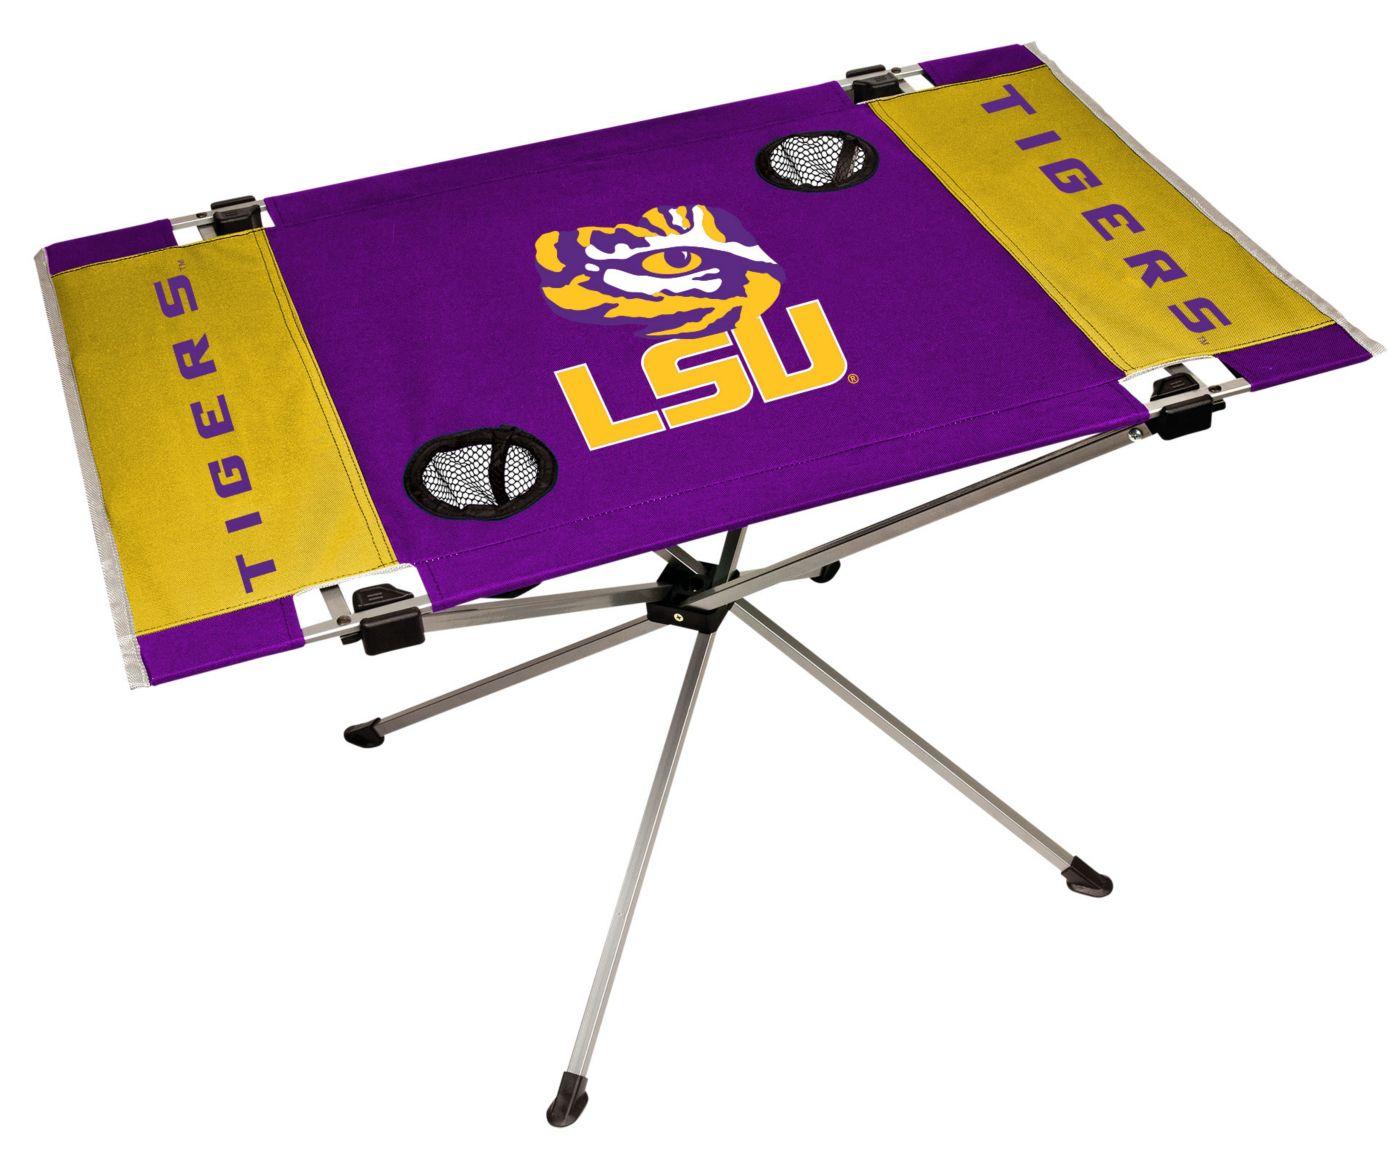 Rawlings LSU Tigers Endzone Table